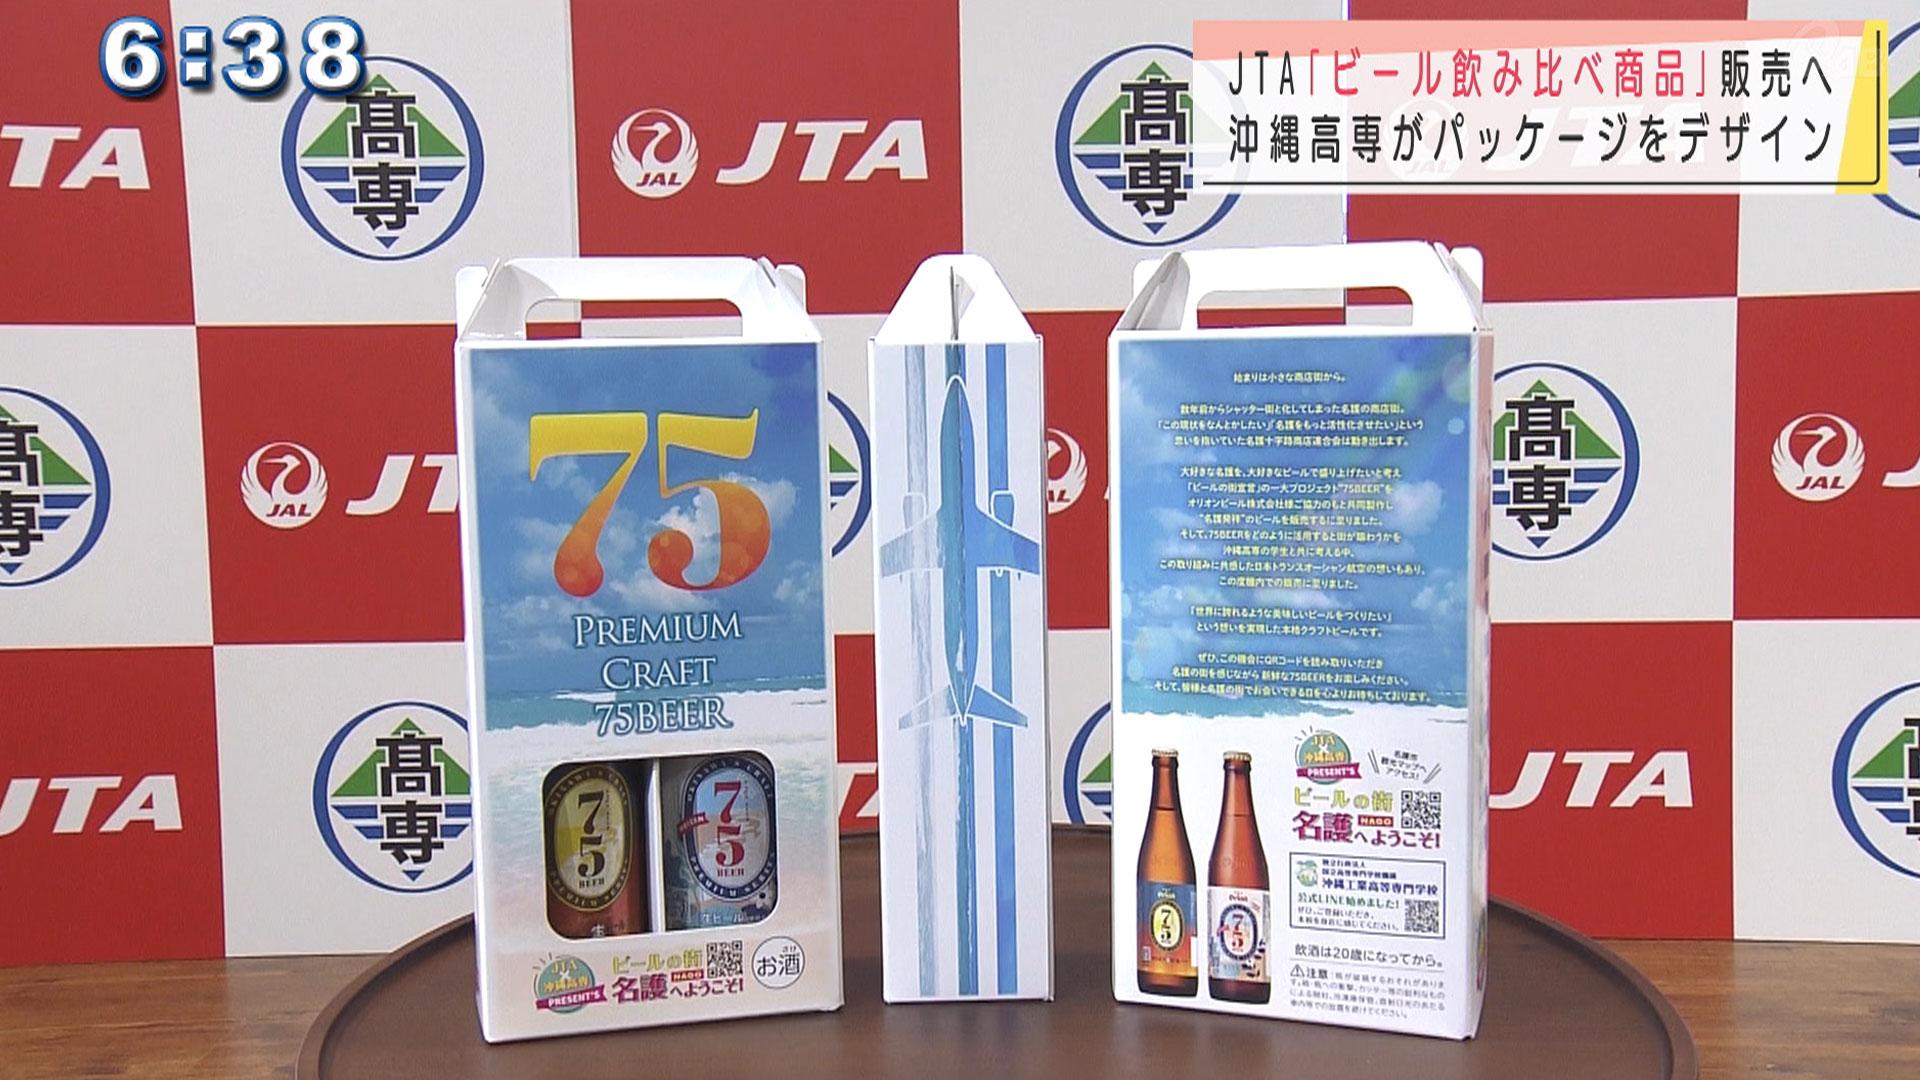 JTA×沖縄高専 ビール飲み比べセットでコラボ